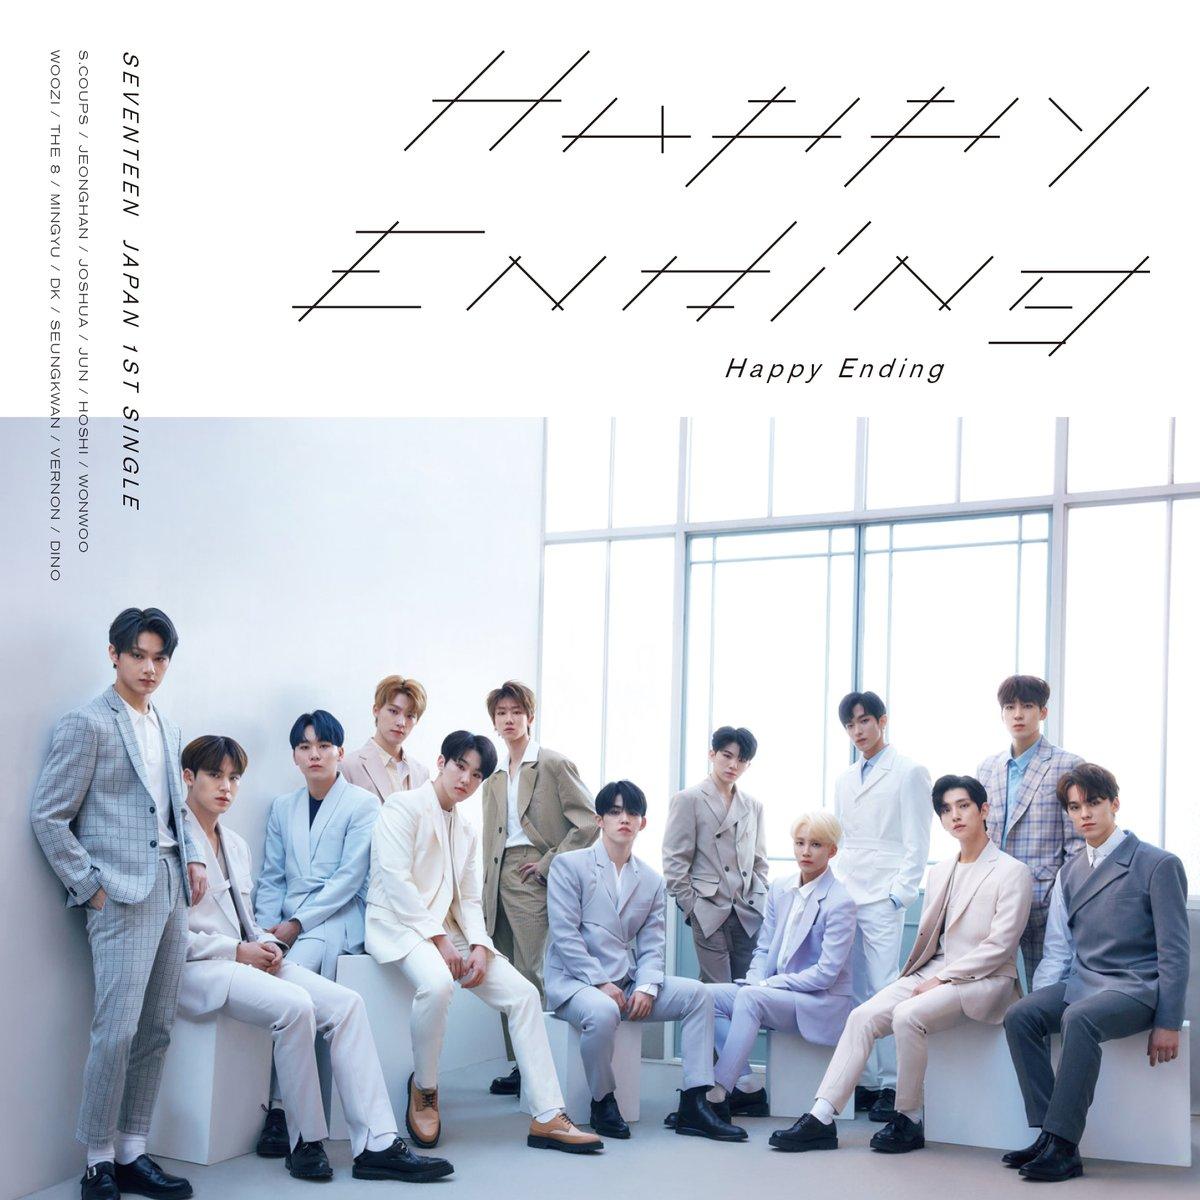 SEVENTEEN「Happy Ending」